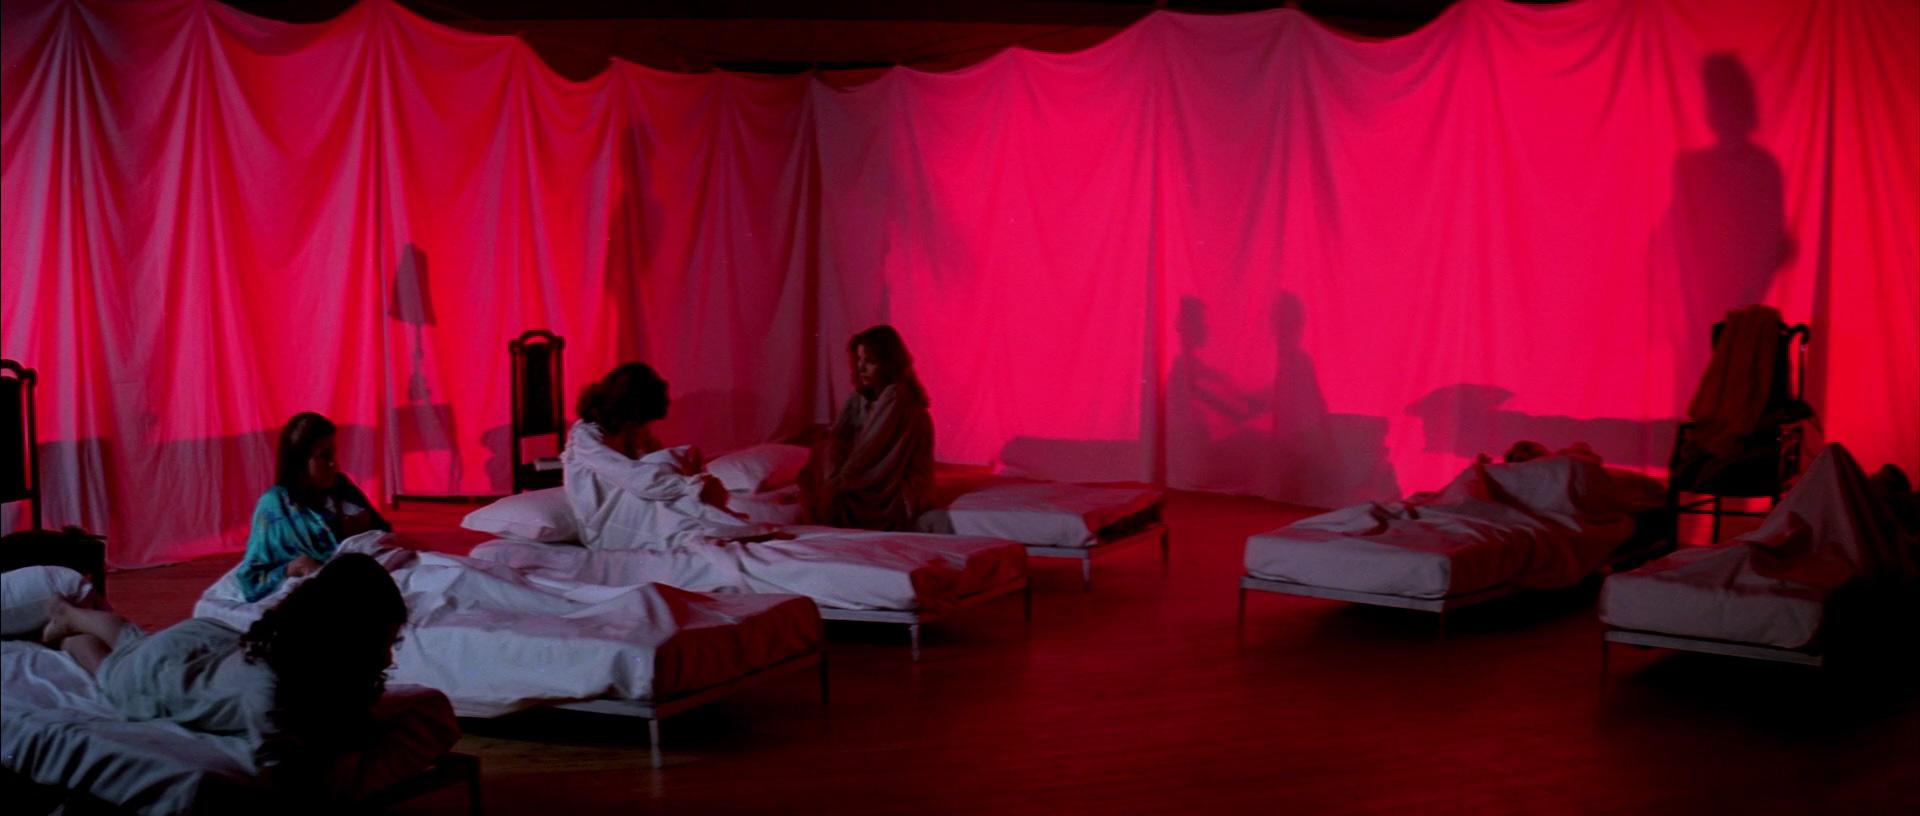 Le allieve di Suspiria riunite in una sala-dormitorio di fortuna